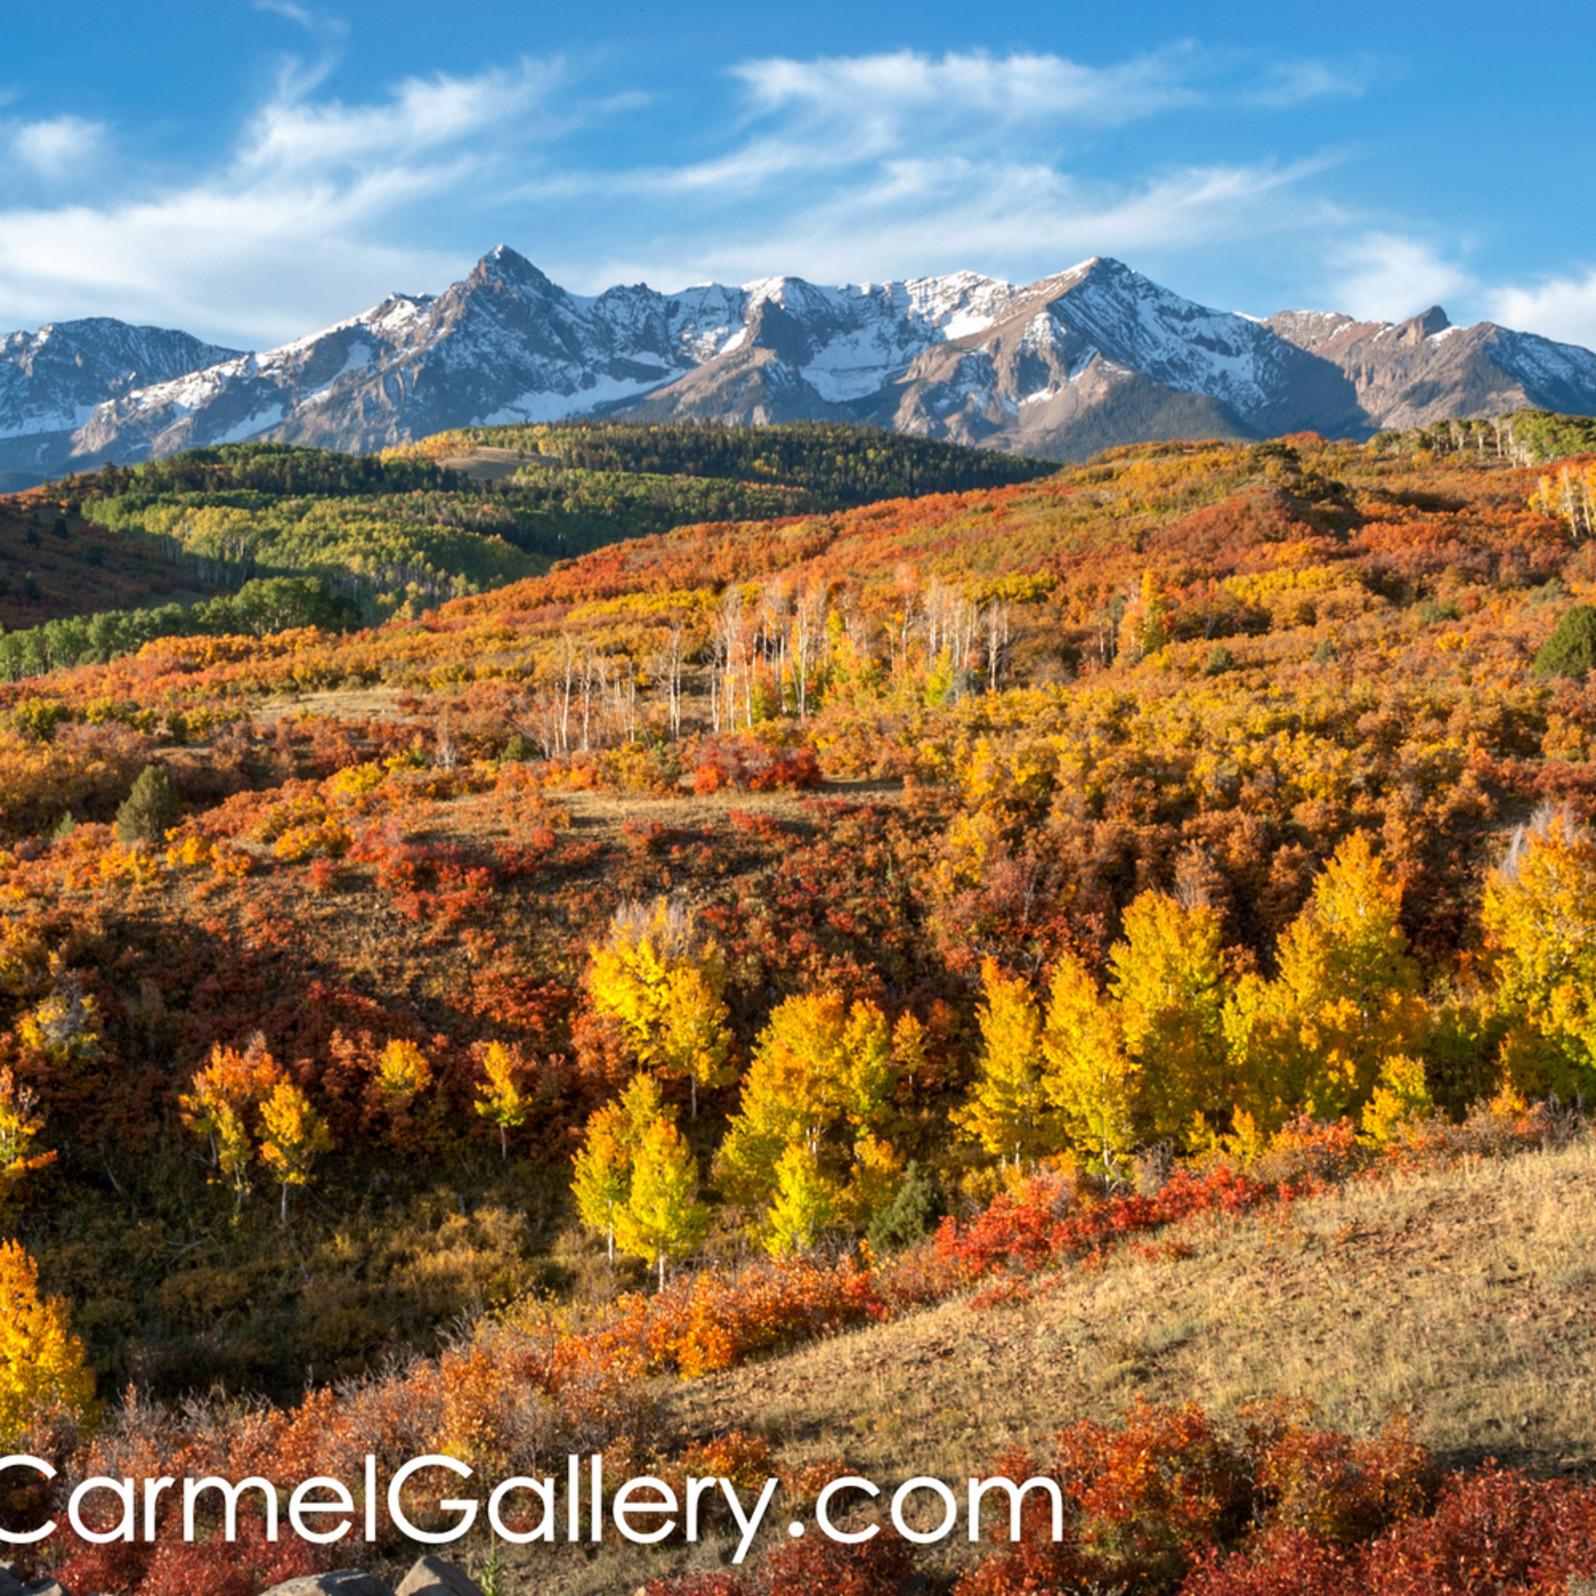 High country autumn qv2qnz